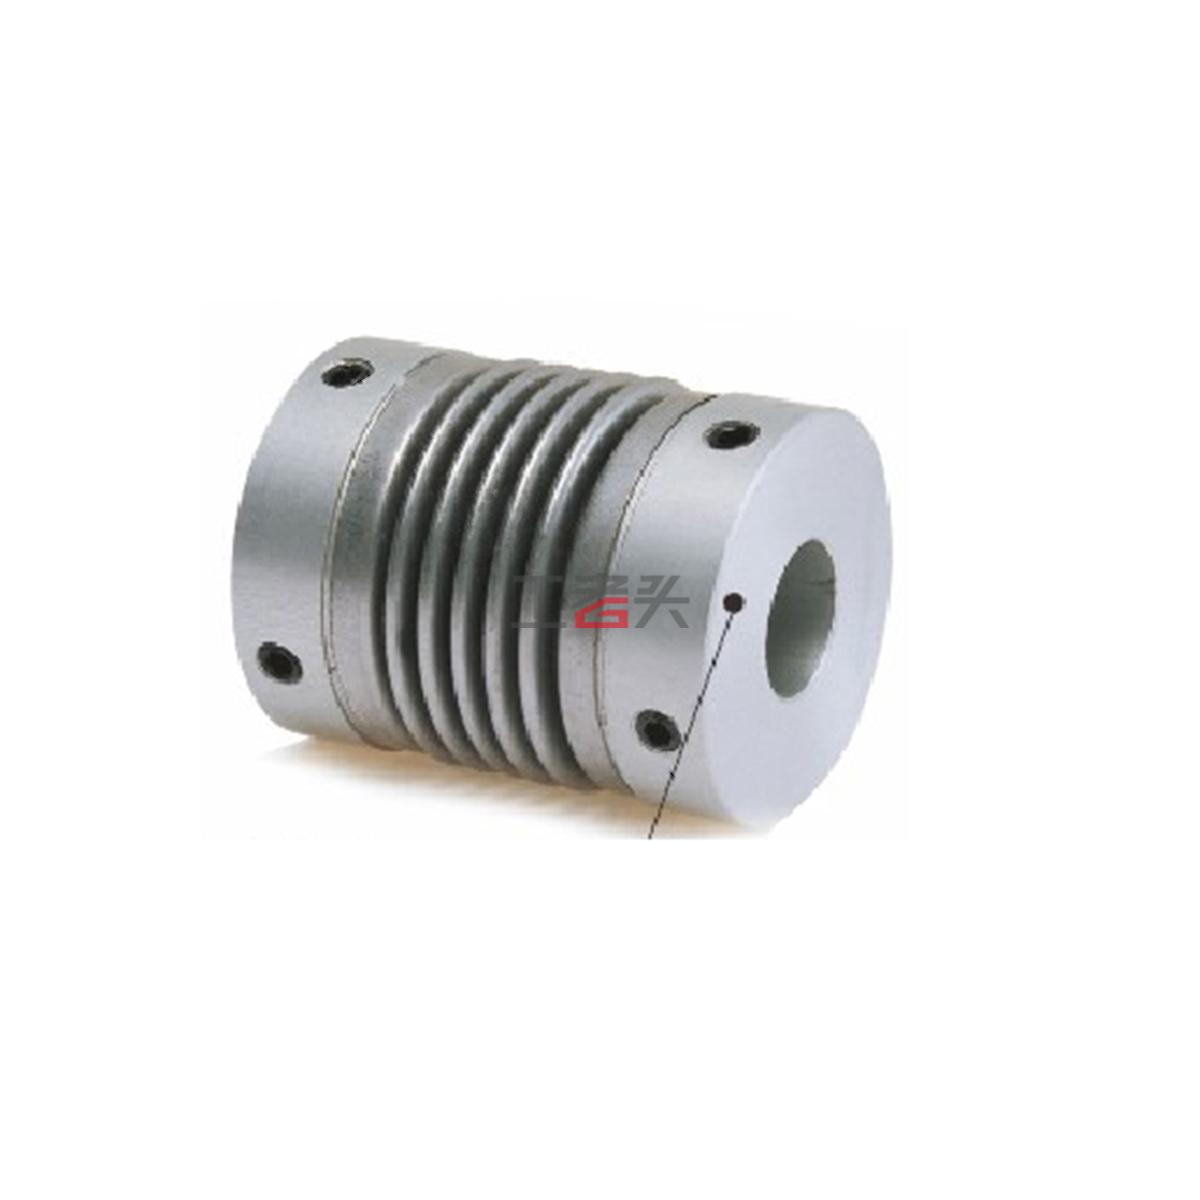 卡普菱 波纹管联轴器LK6-C12-D1D2